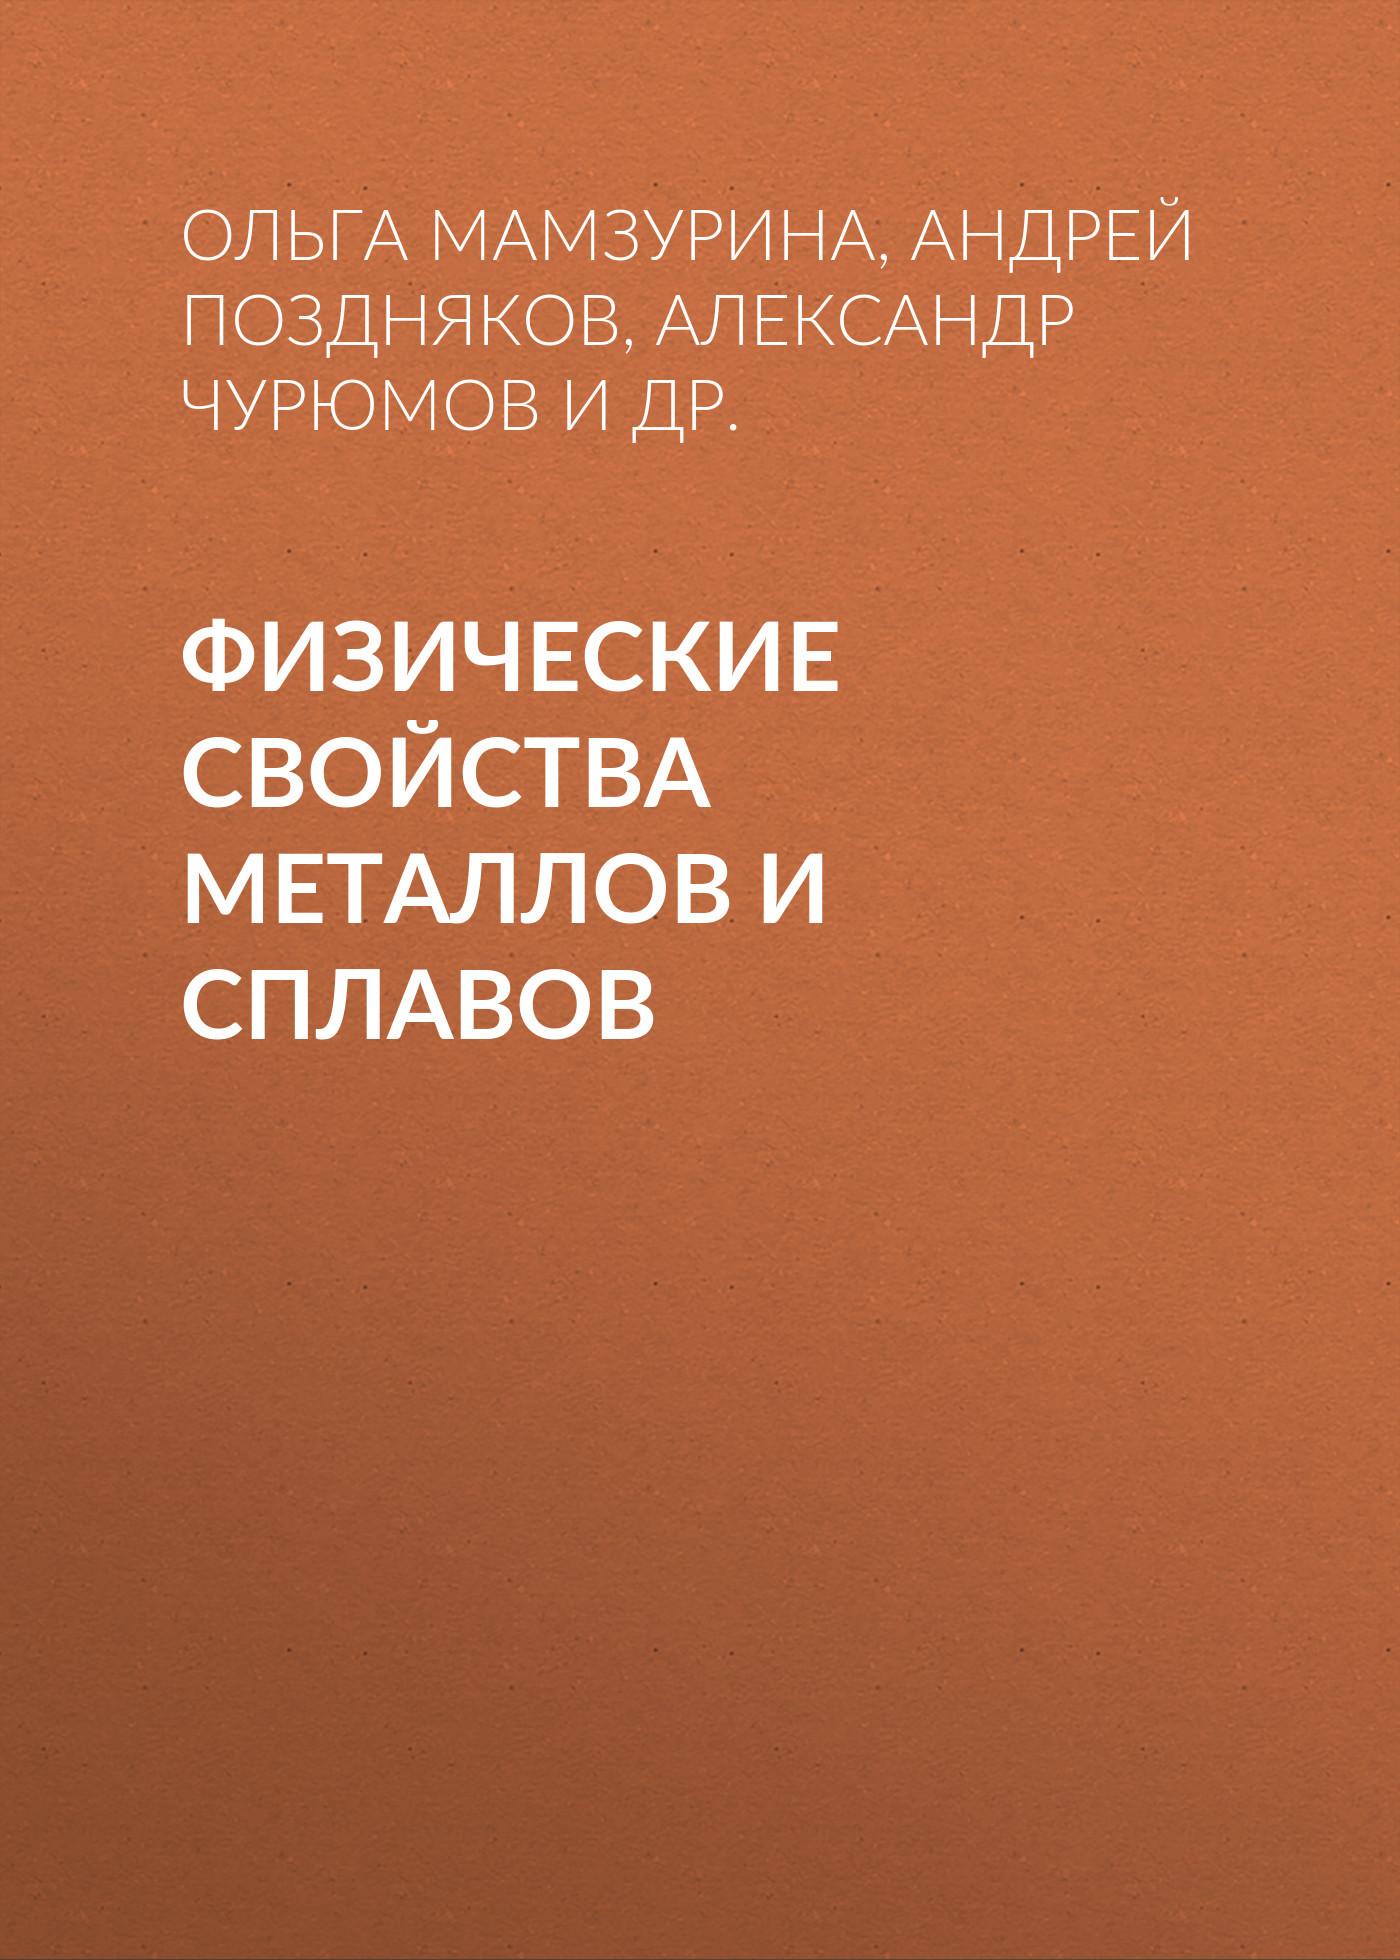 цена на Андрей Поздняков Физические свойства металлов и сплавов